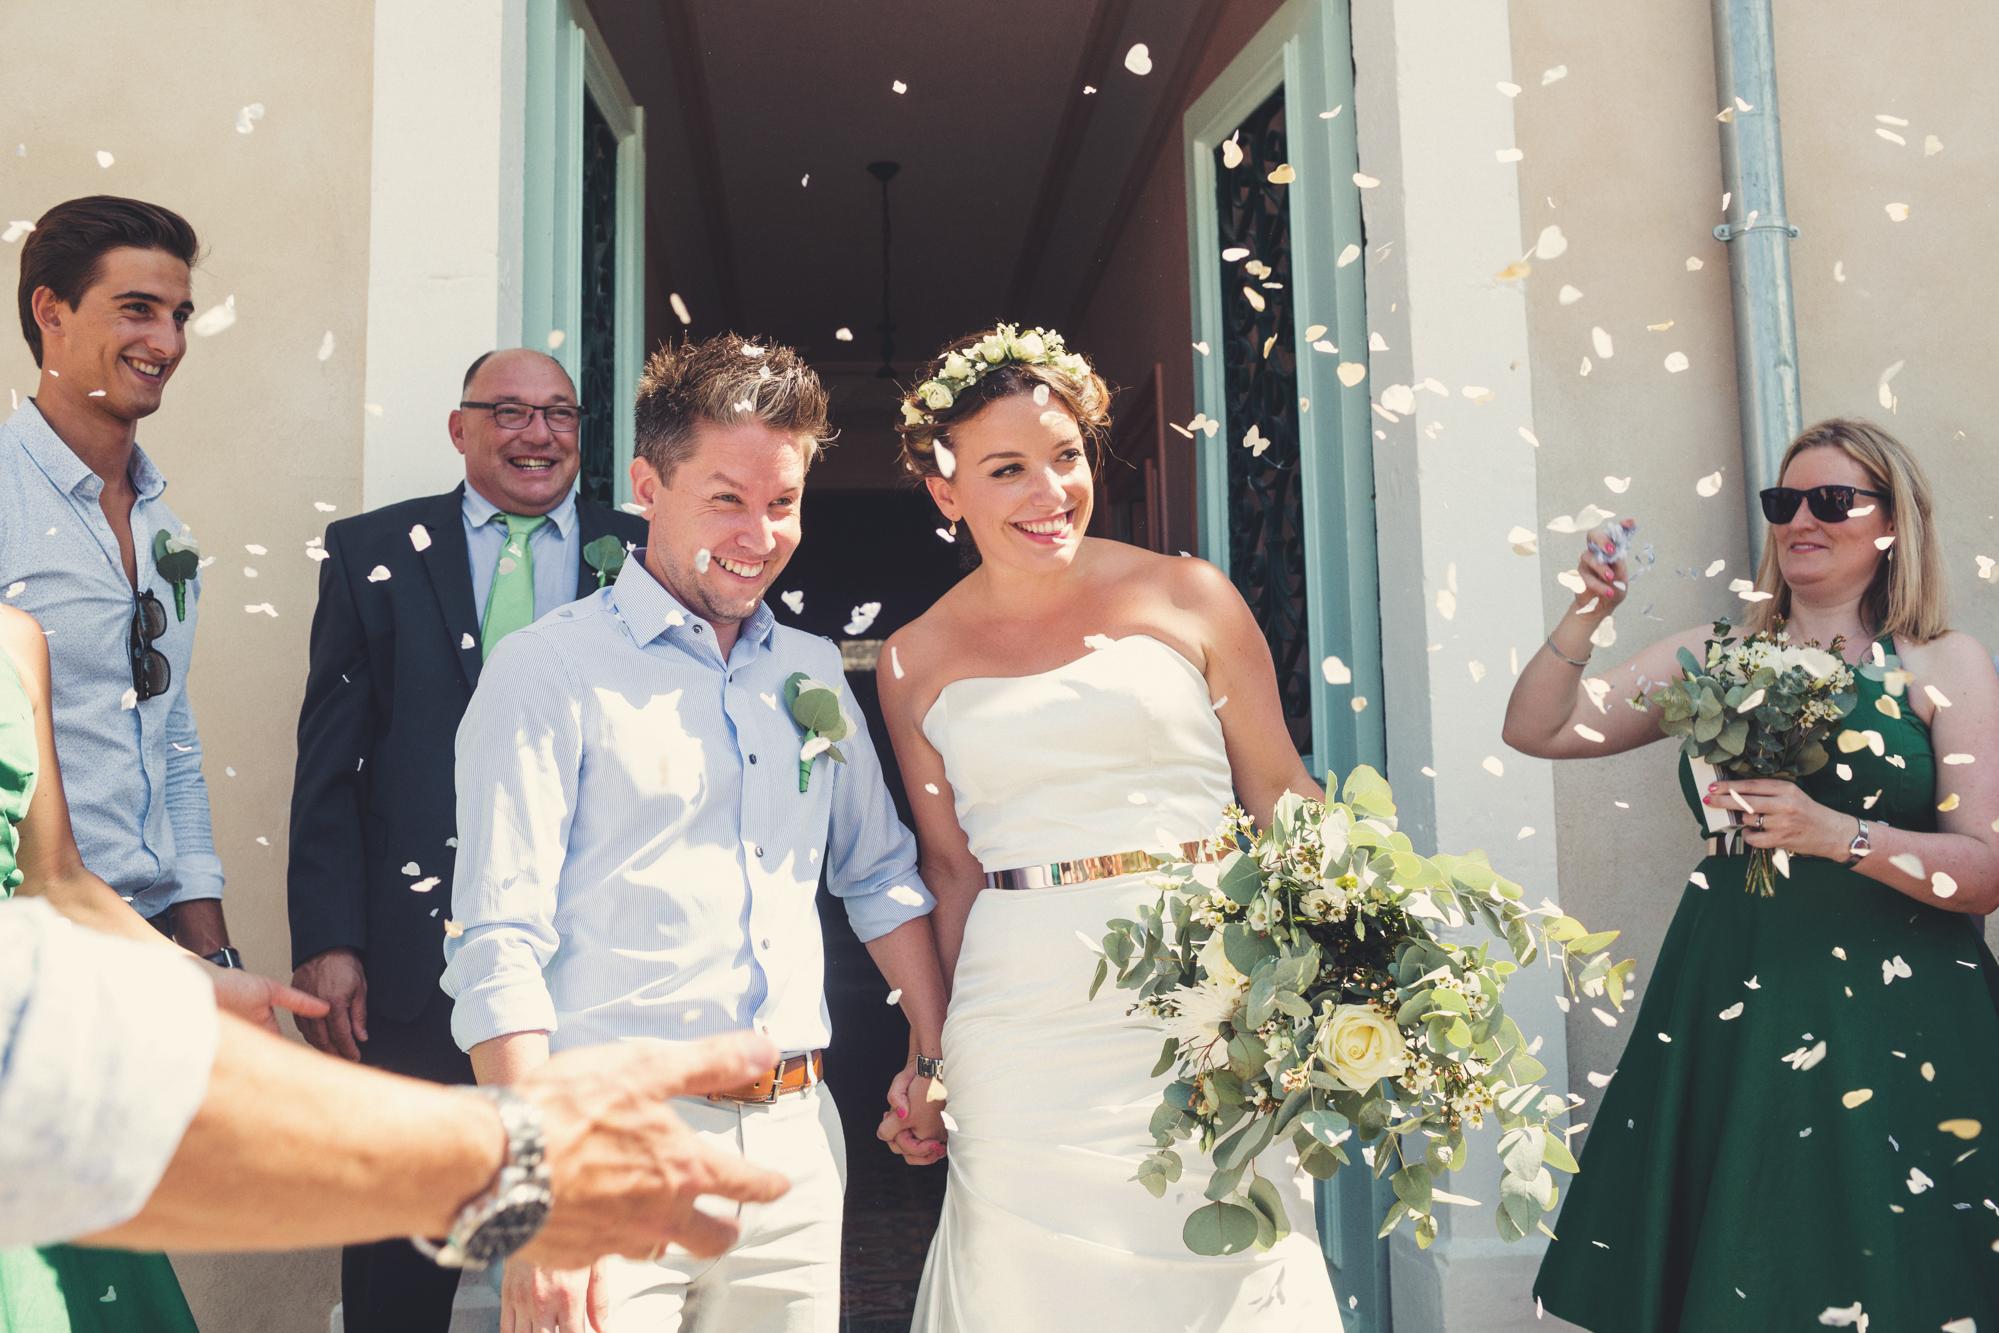 Mariage au couvent des Carmes@Anne-Claire Brun0001